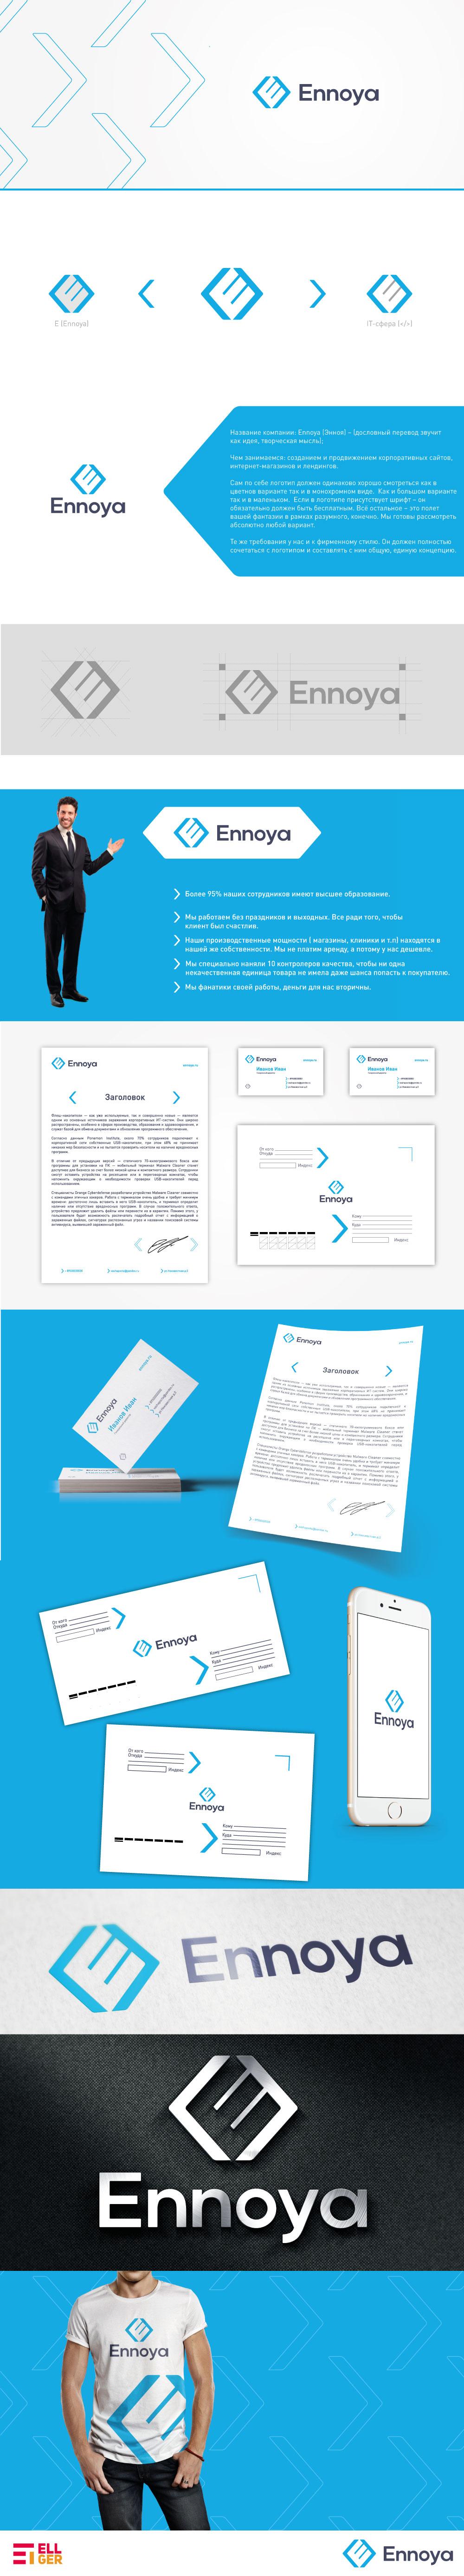 Логотип + фирменный стиль для продуктовой IT компании фото f_5805ad46e1e987a6.jpg